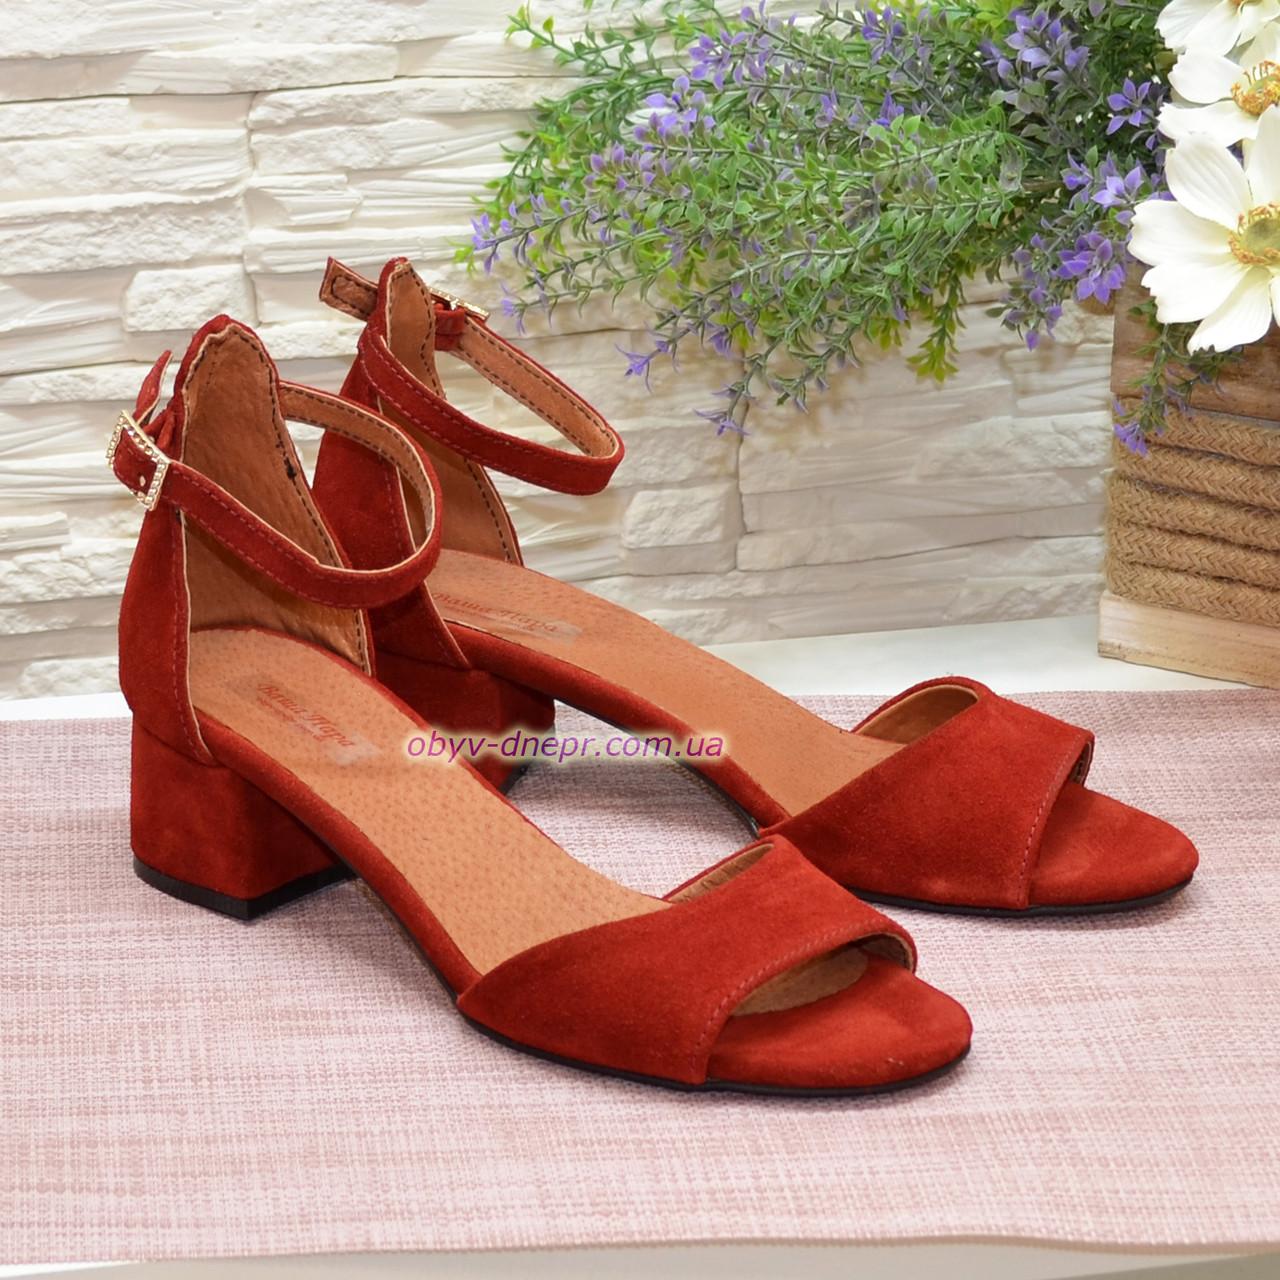 Босоножки женские замшевые на невысоком каблуке, цвет красный